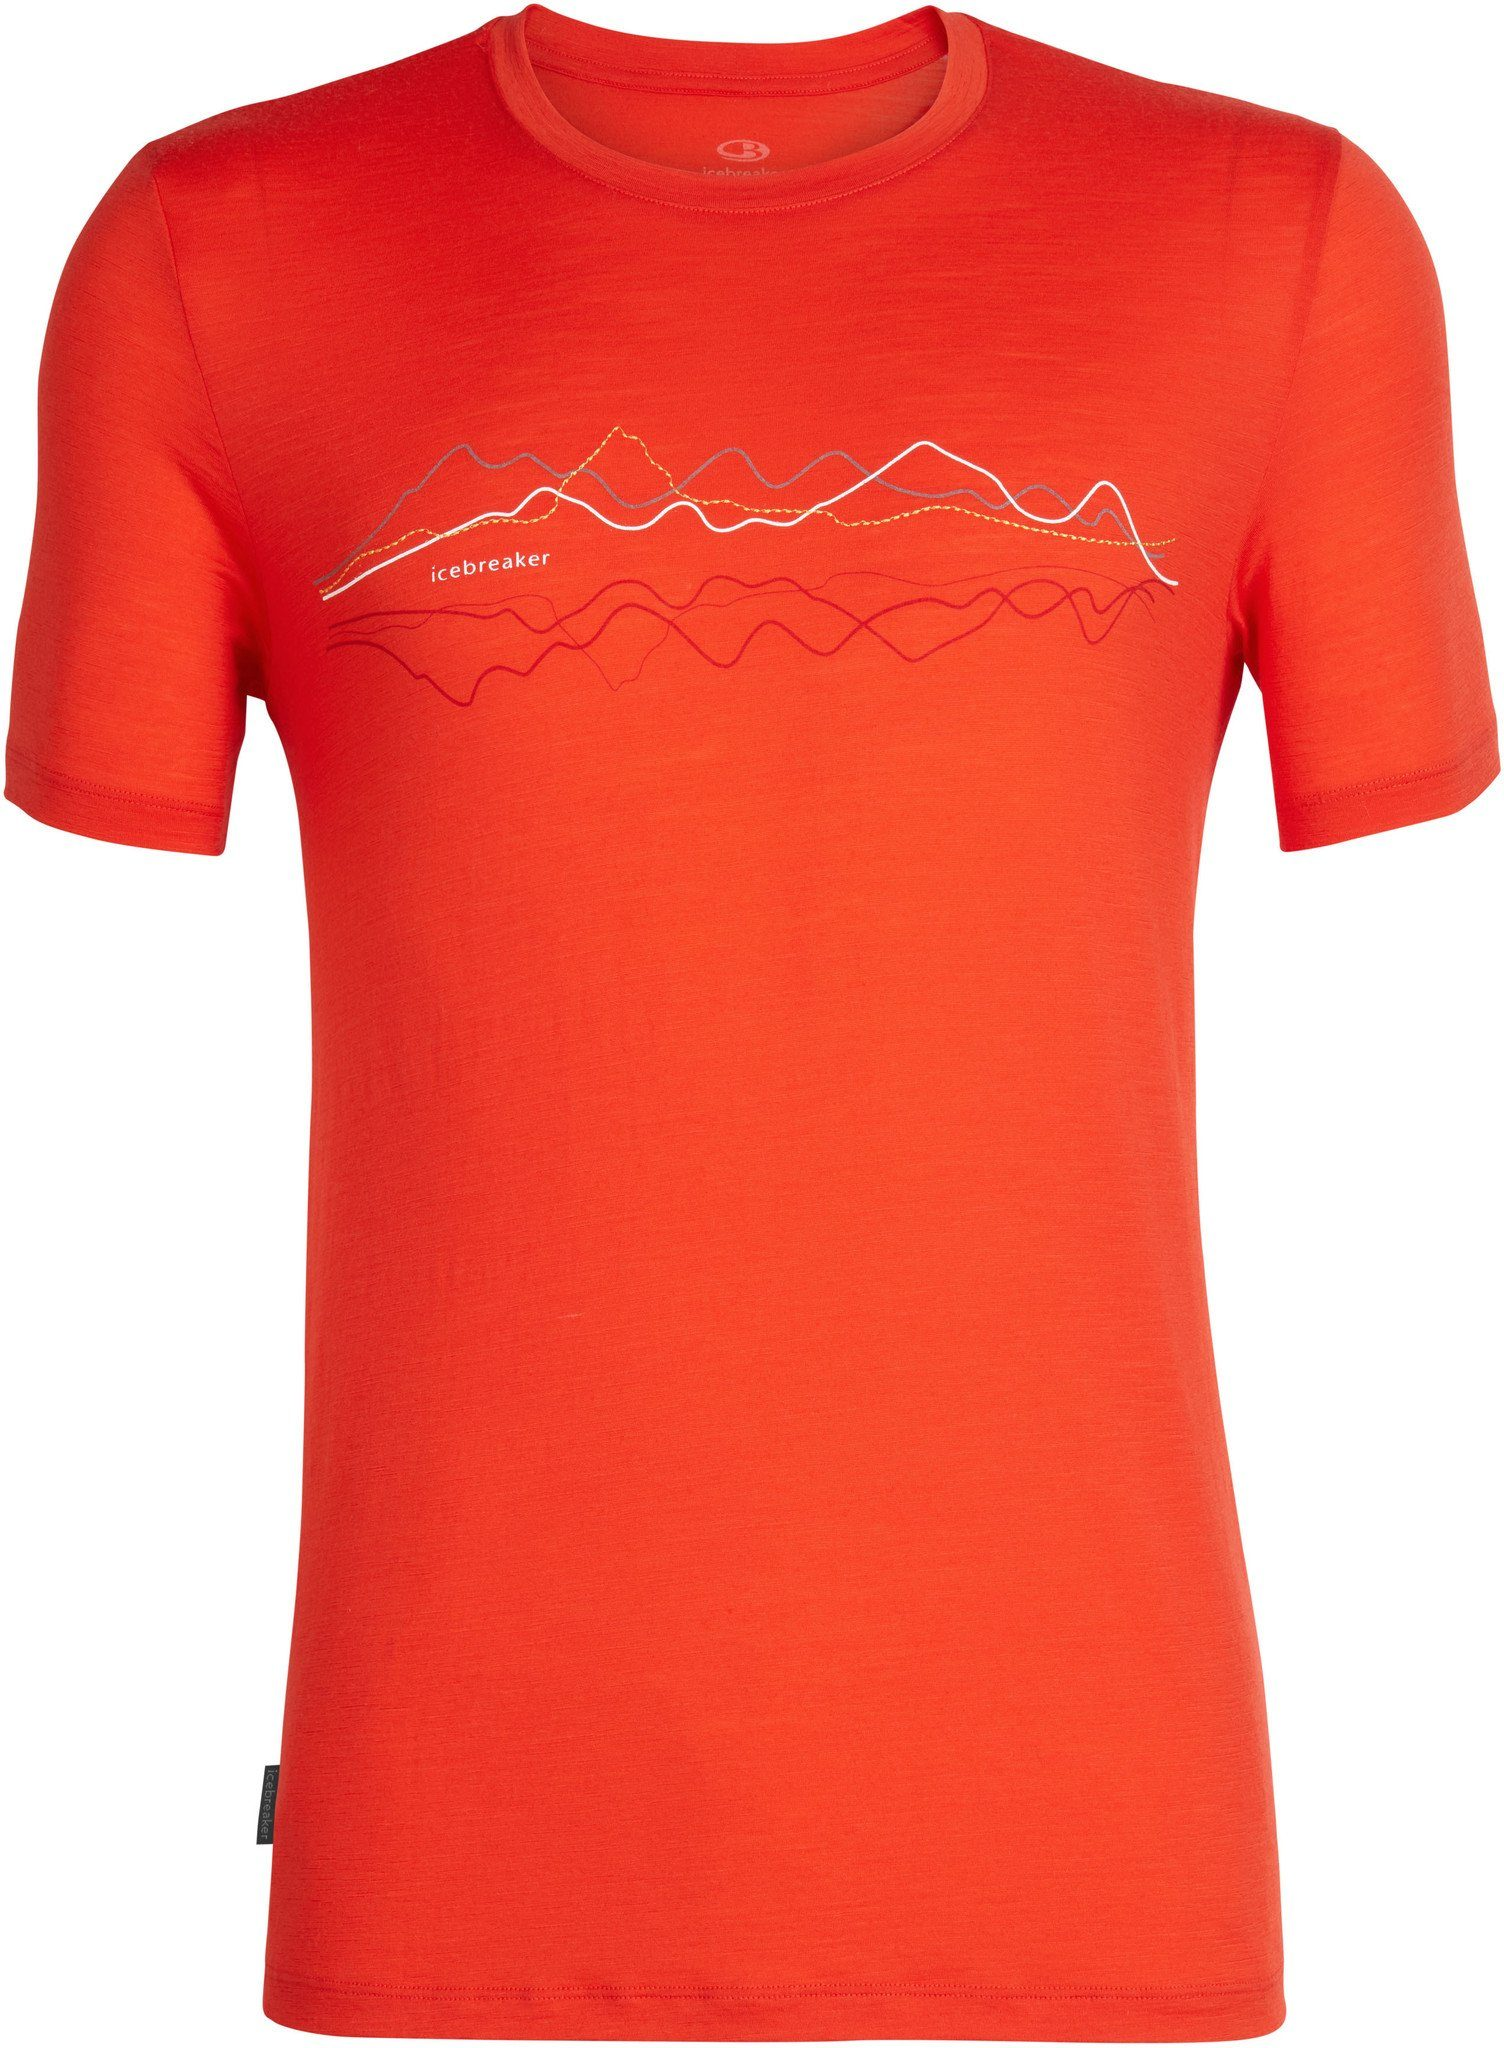 Unterhemden 42 Baumwolle Beautiful In Colour Kleidung & Accessoires Schiesser Original 70er Jahre Top Unterhemd Hemd Feinripp Weiß Gr